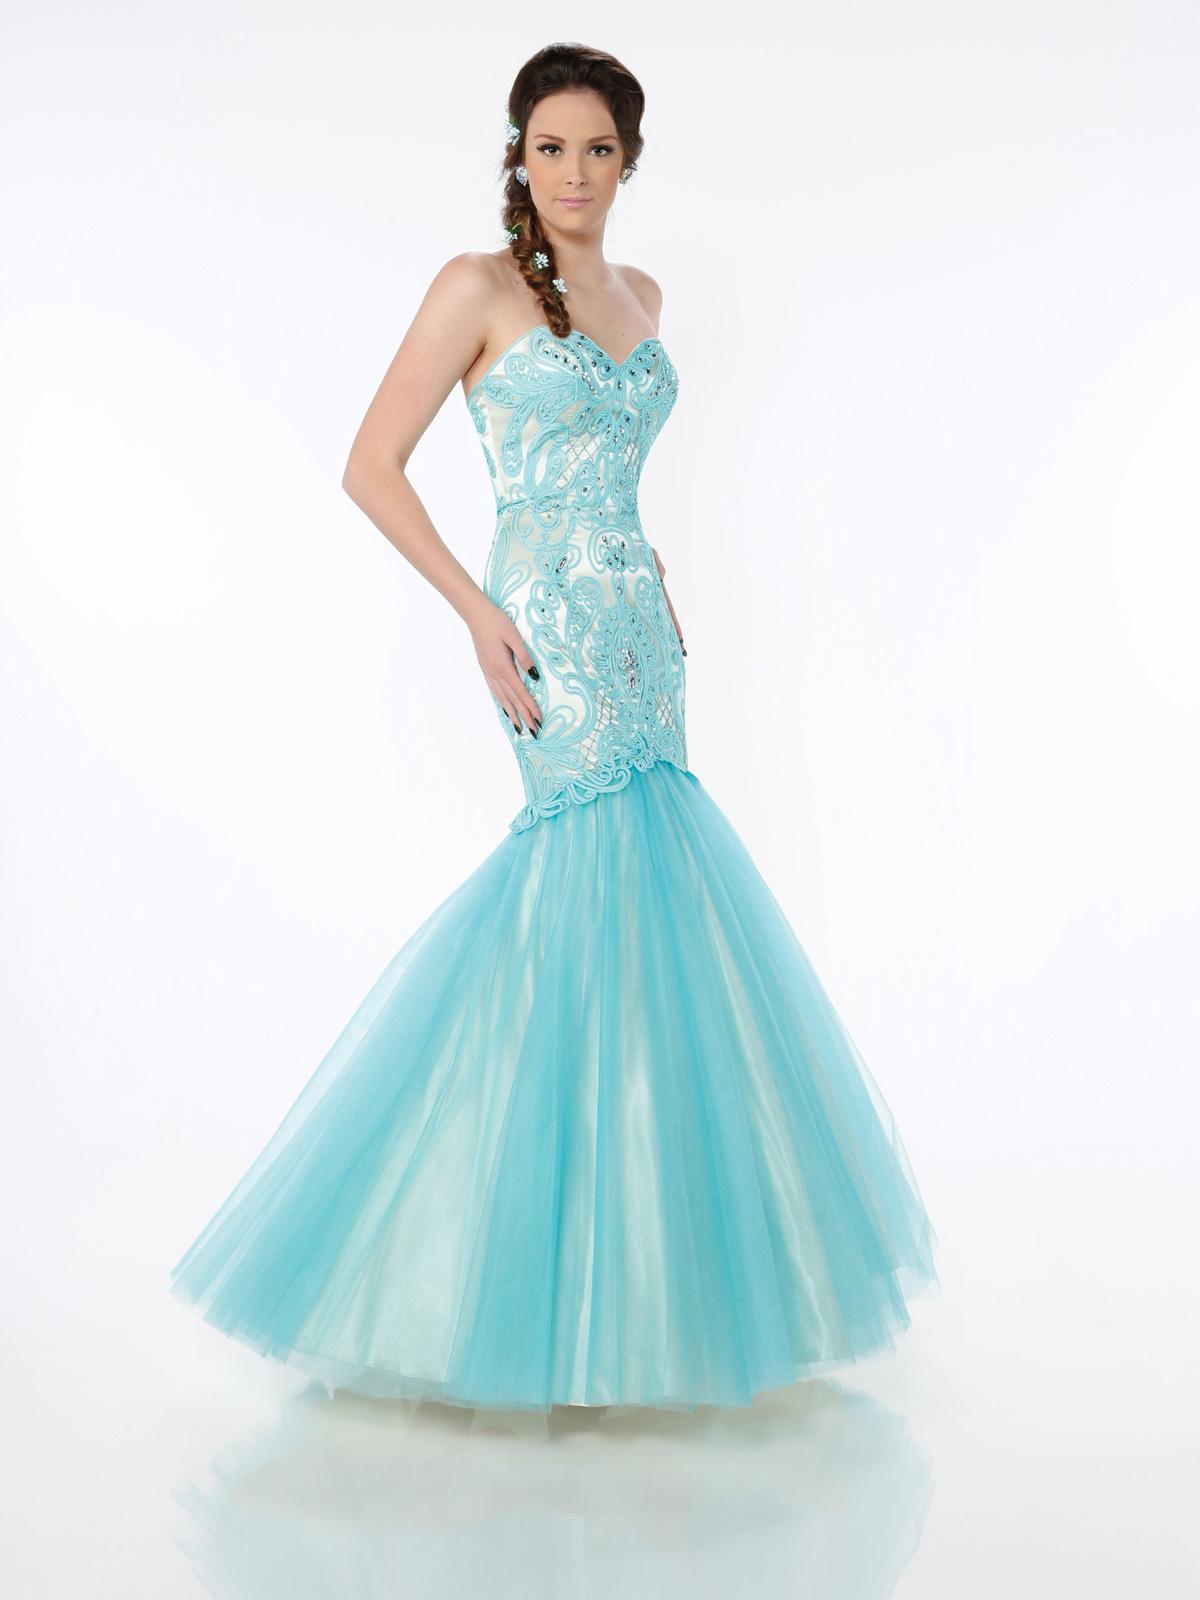 Vestido de Festa tomara que caia princesa, corpo alongado todo trabalhado em soutache com cristais, saia sereia com camadas de tule francês.